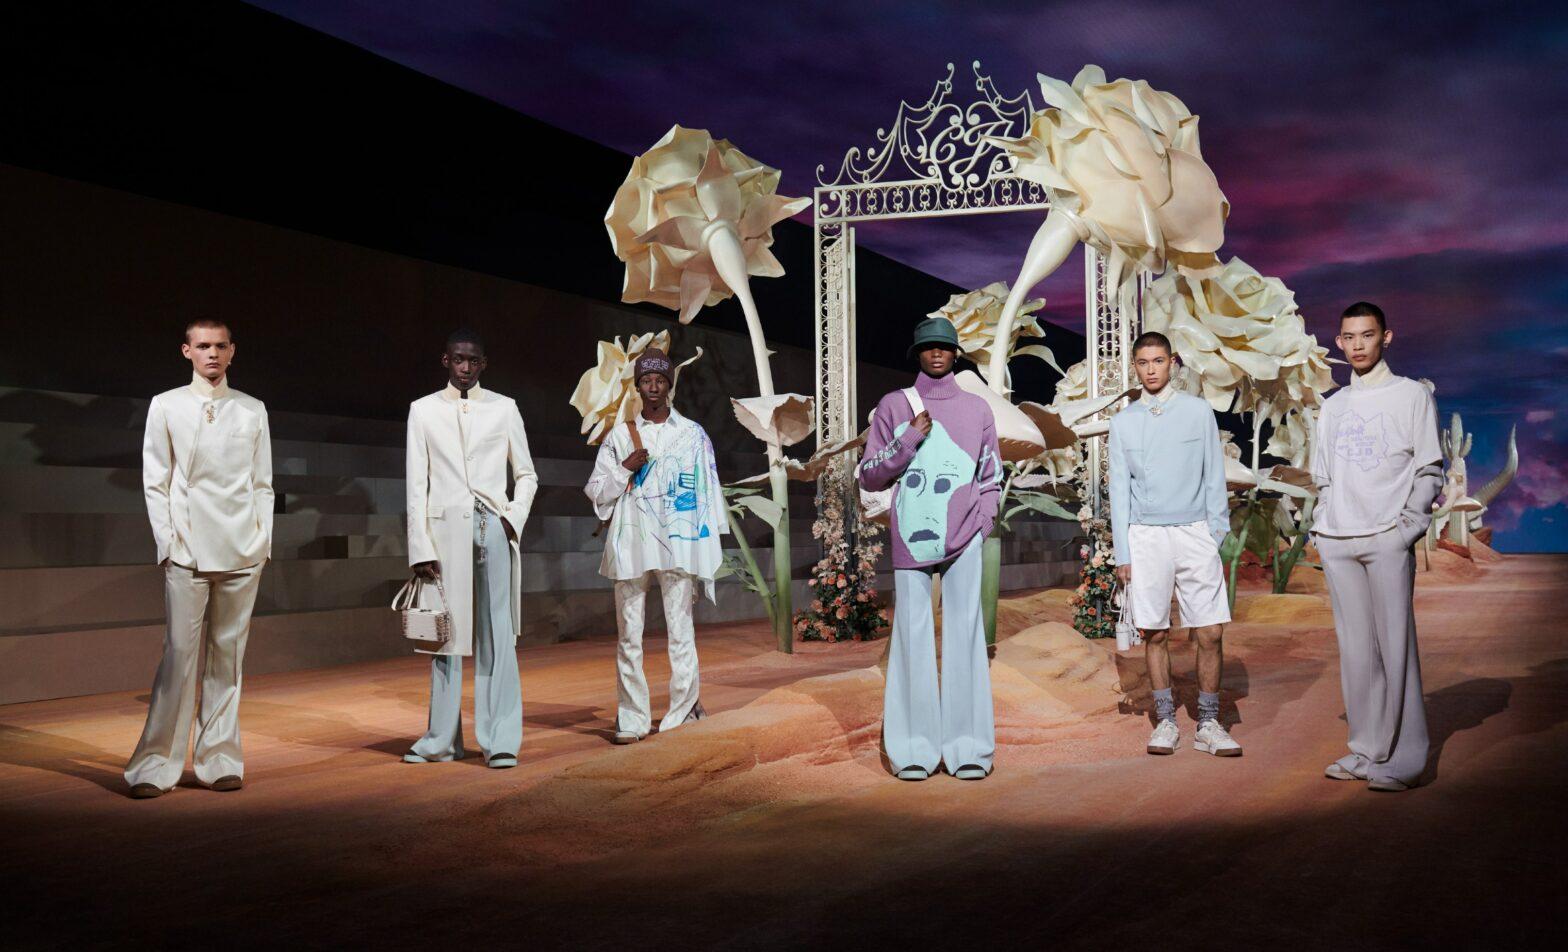 Défilé Dior Homme 2022